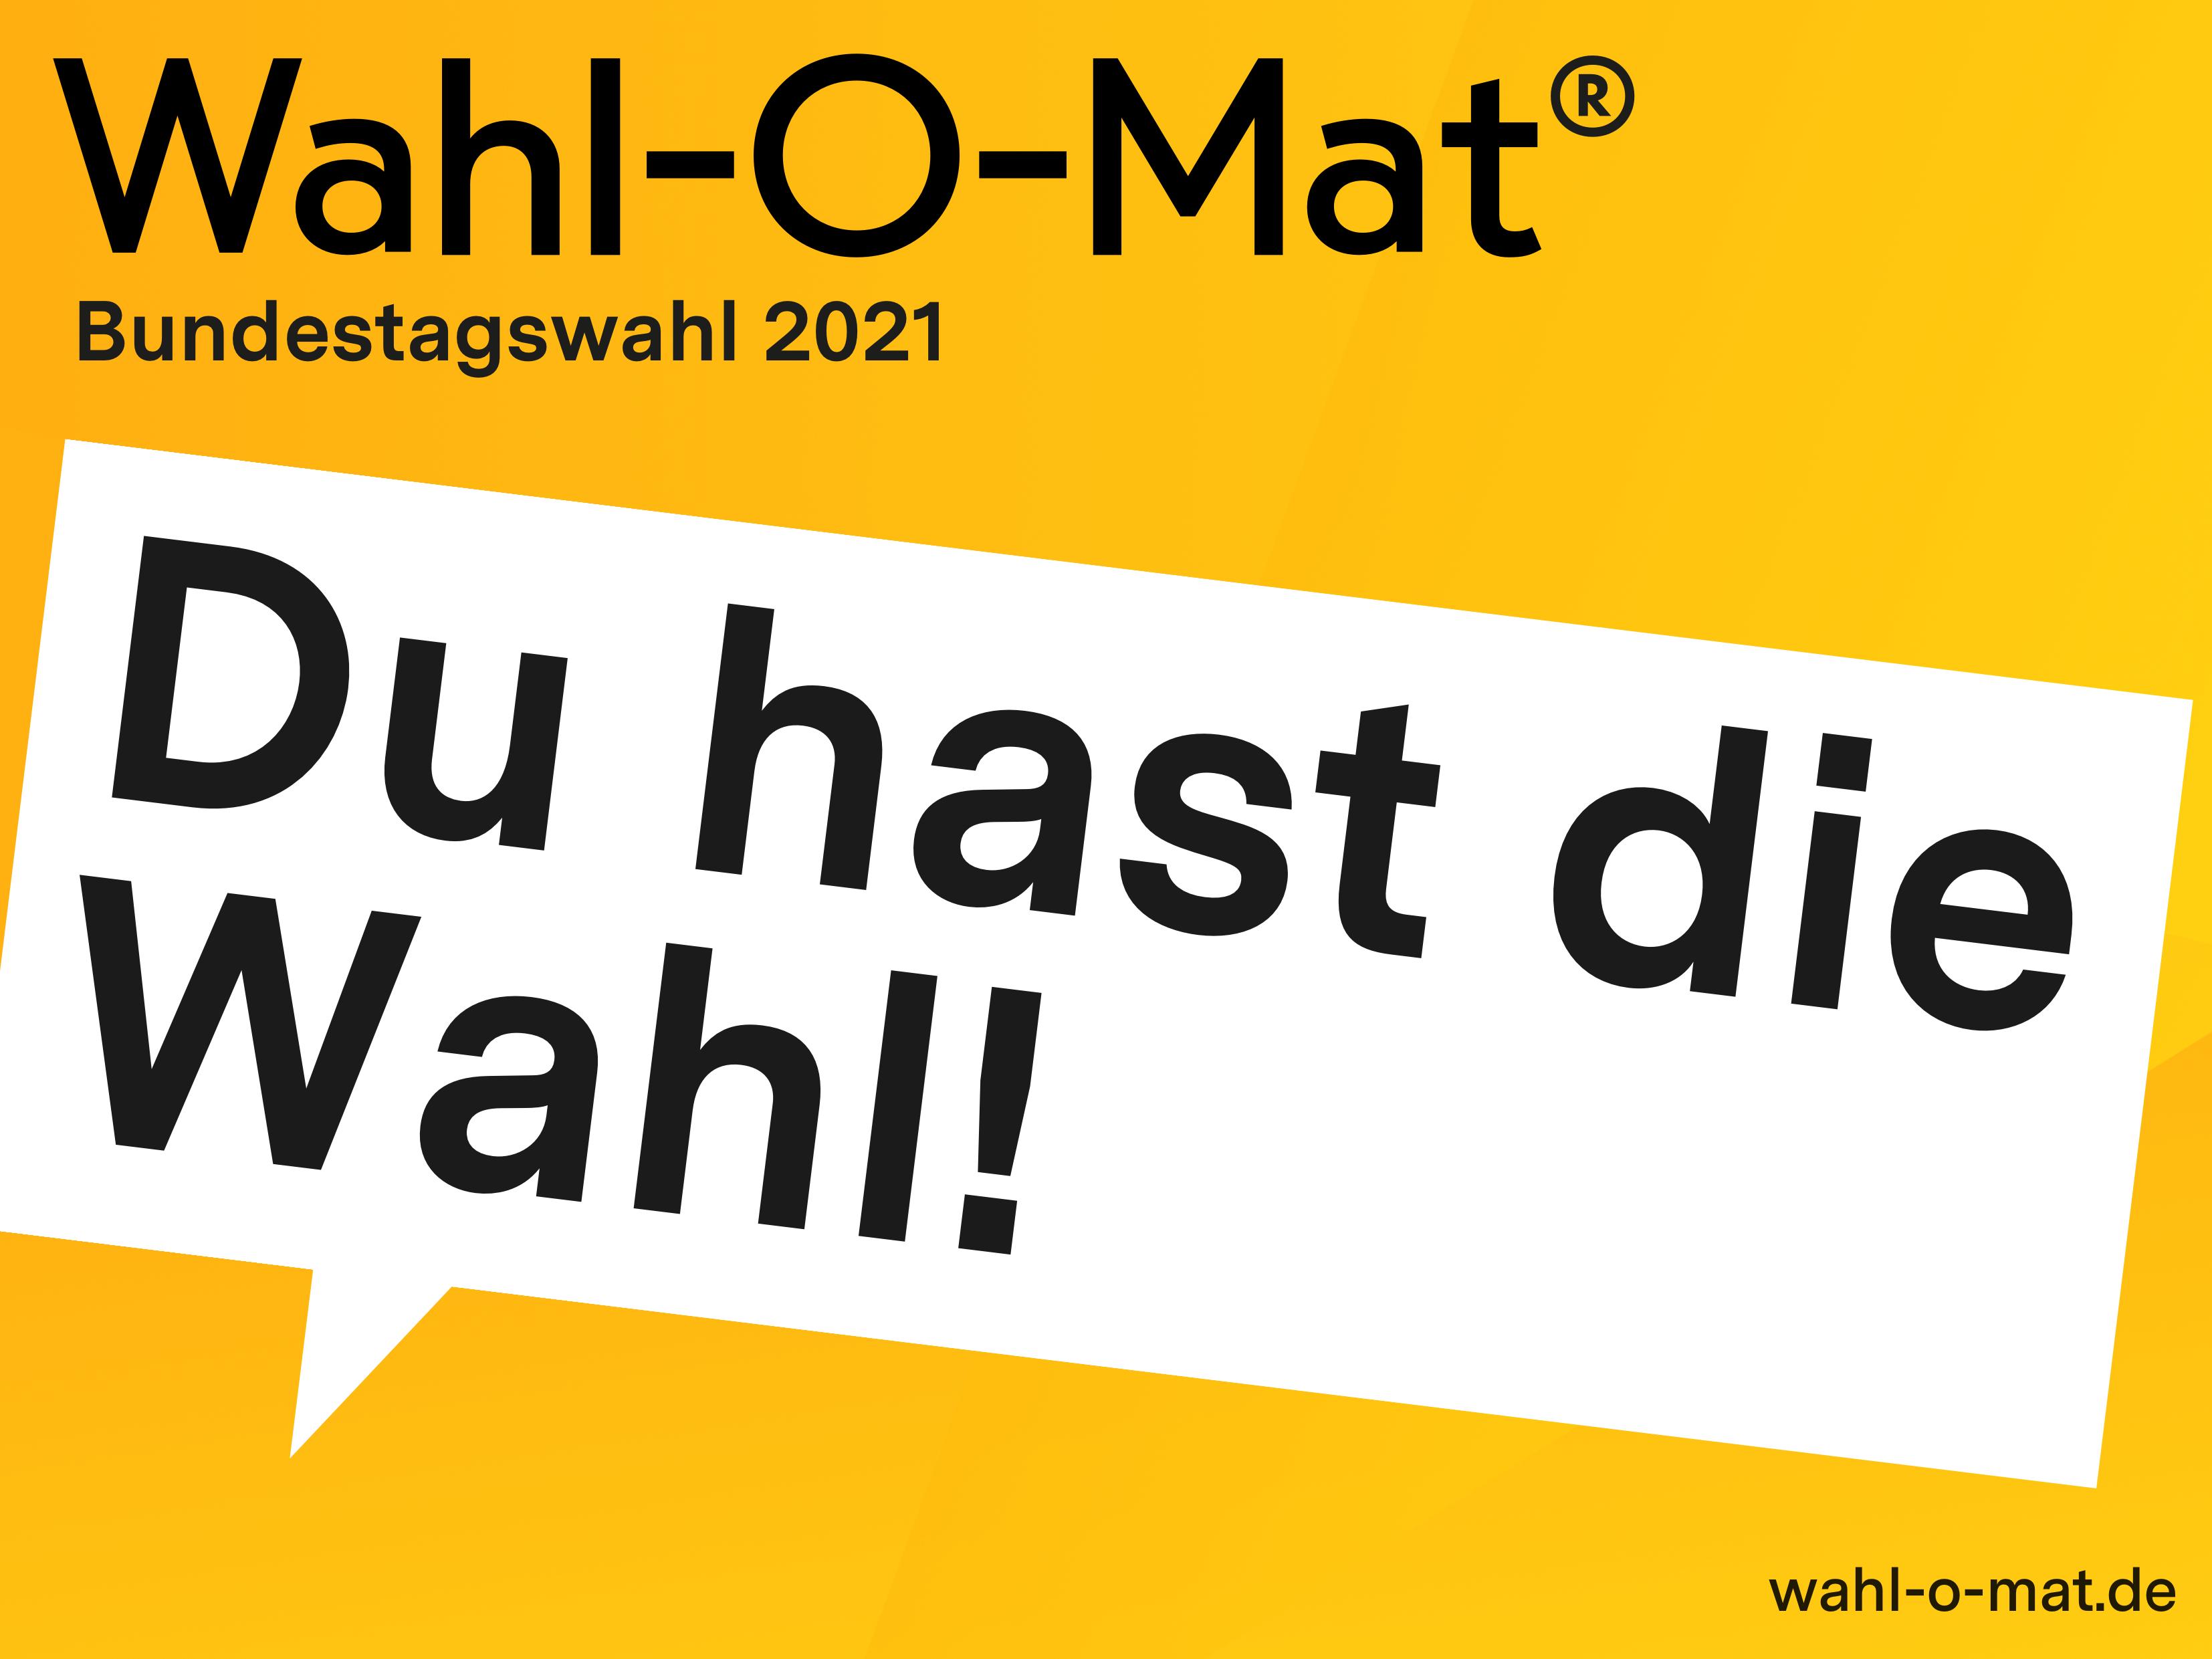 Am 26.09. ist Bundestagswahl